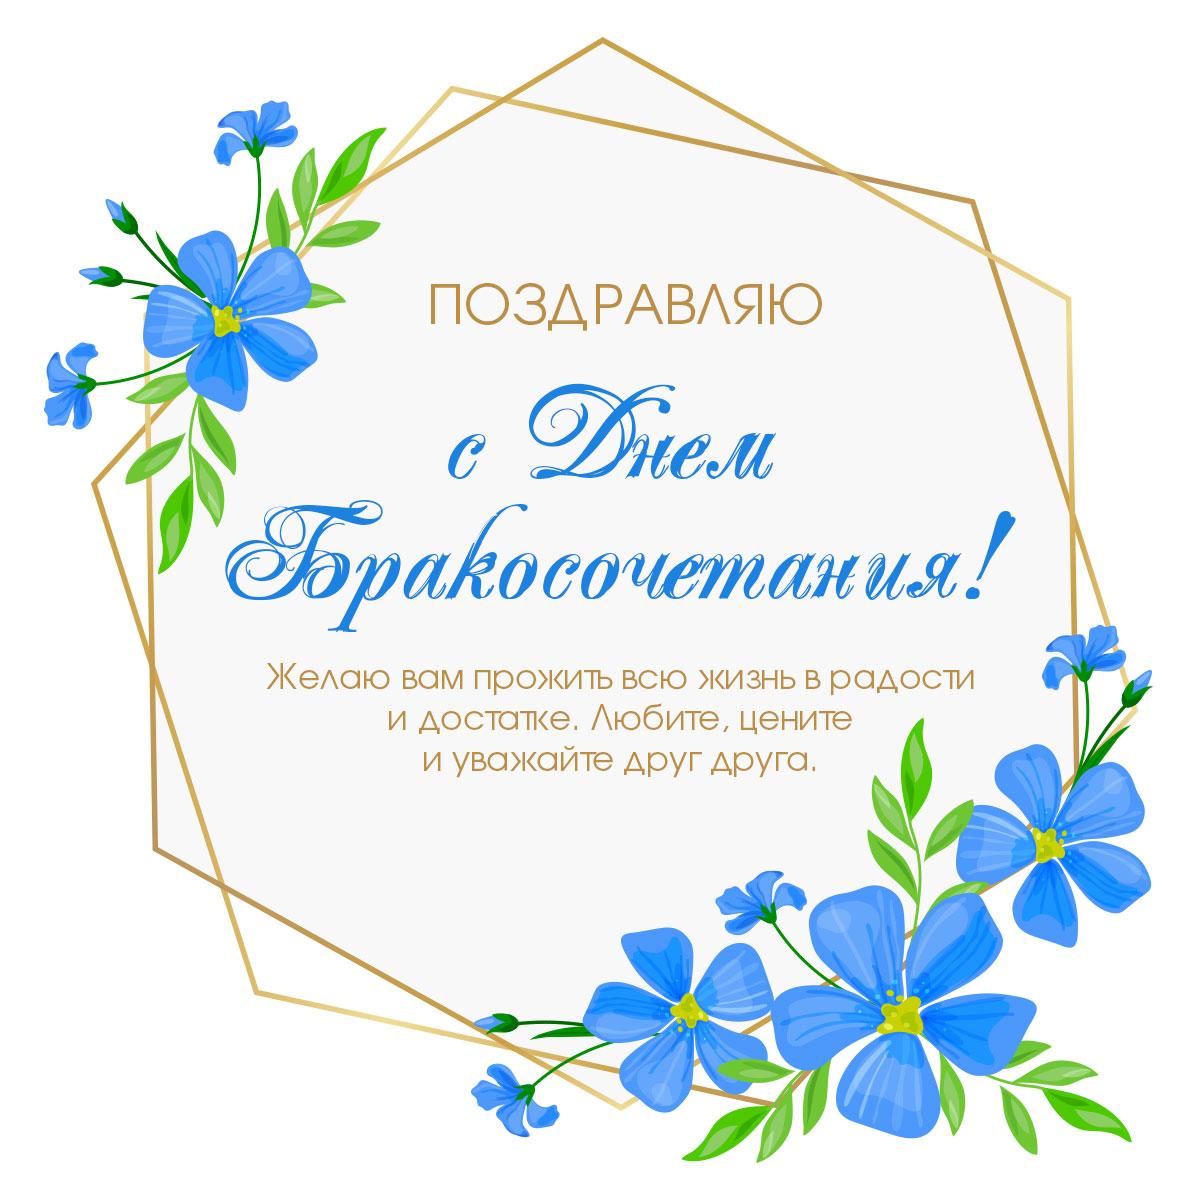 Картинка с текстом поздравления с днем бракосочетания на фоне с голубыми цветами.